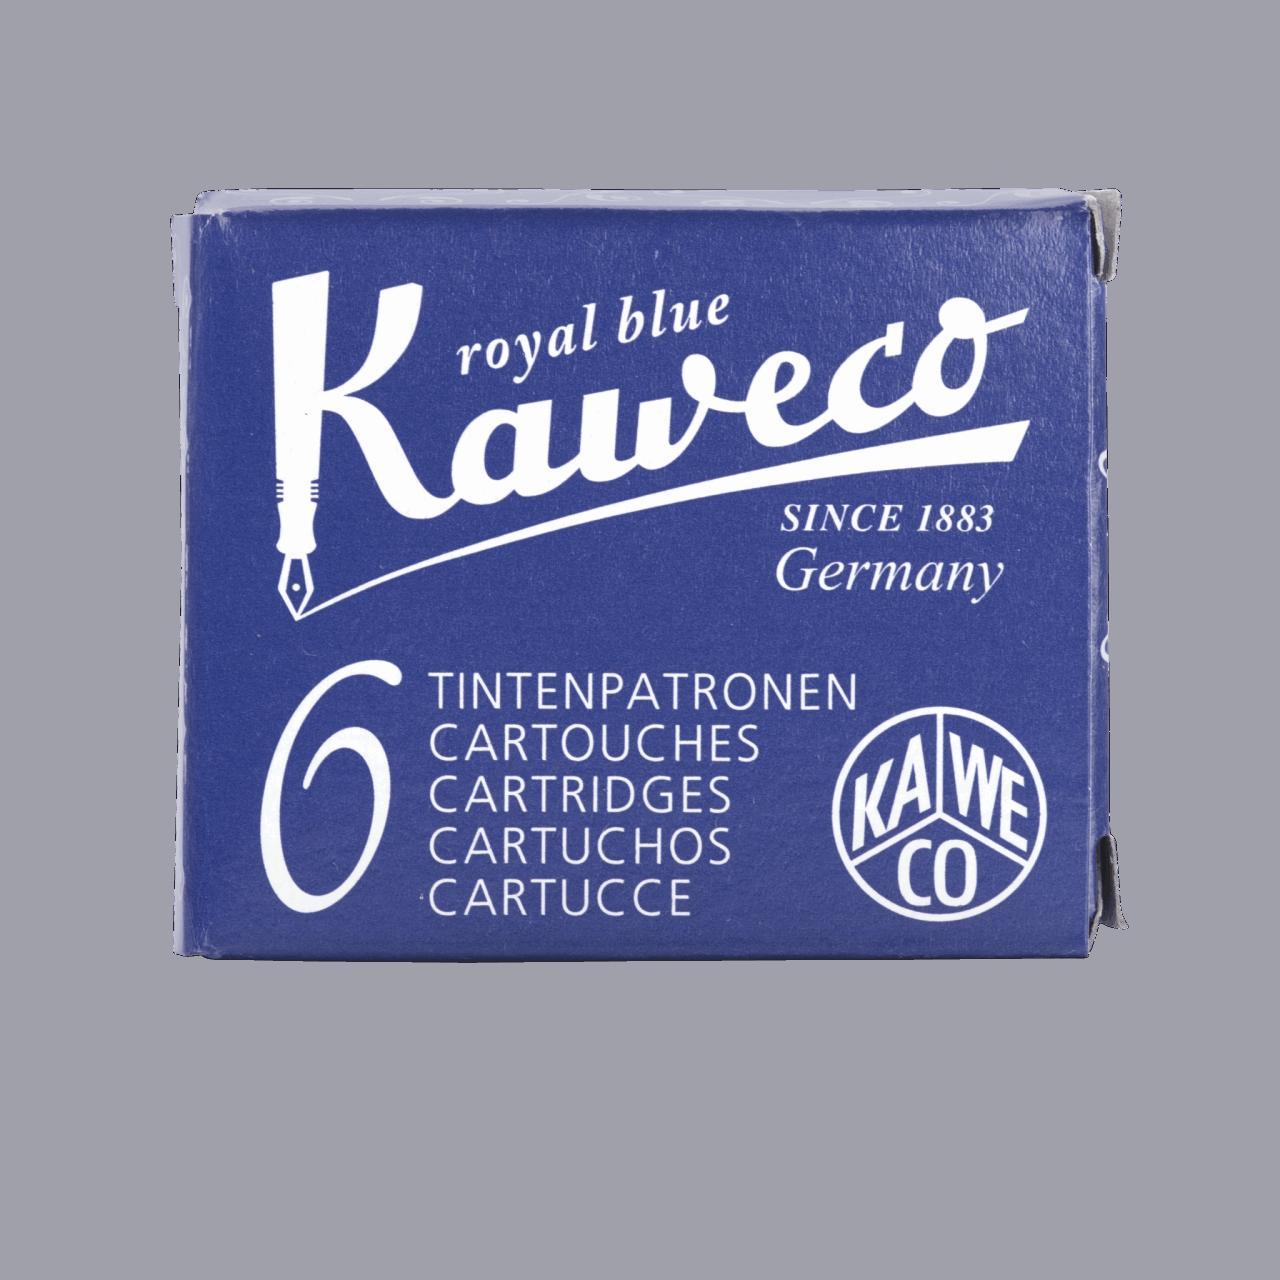 Kaweco Tintenpatronen 6 Stück - Königsblau